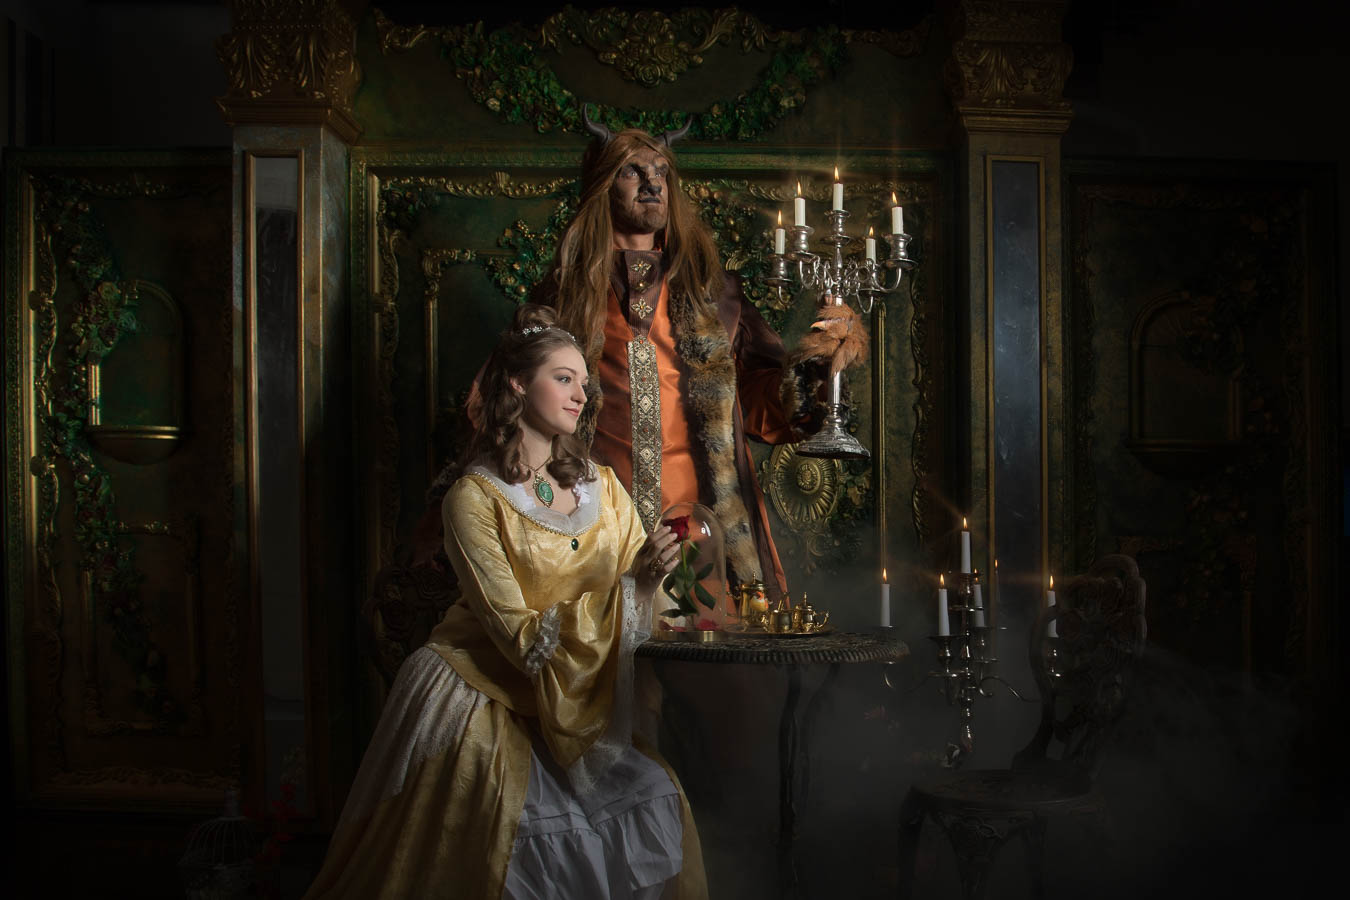 Fotostudio-Dresden-Beauty-Beast-Styling-Make up-Kerzen-Kleid